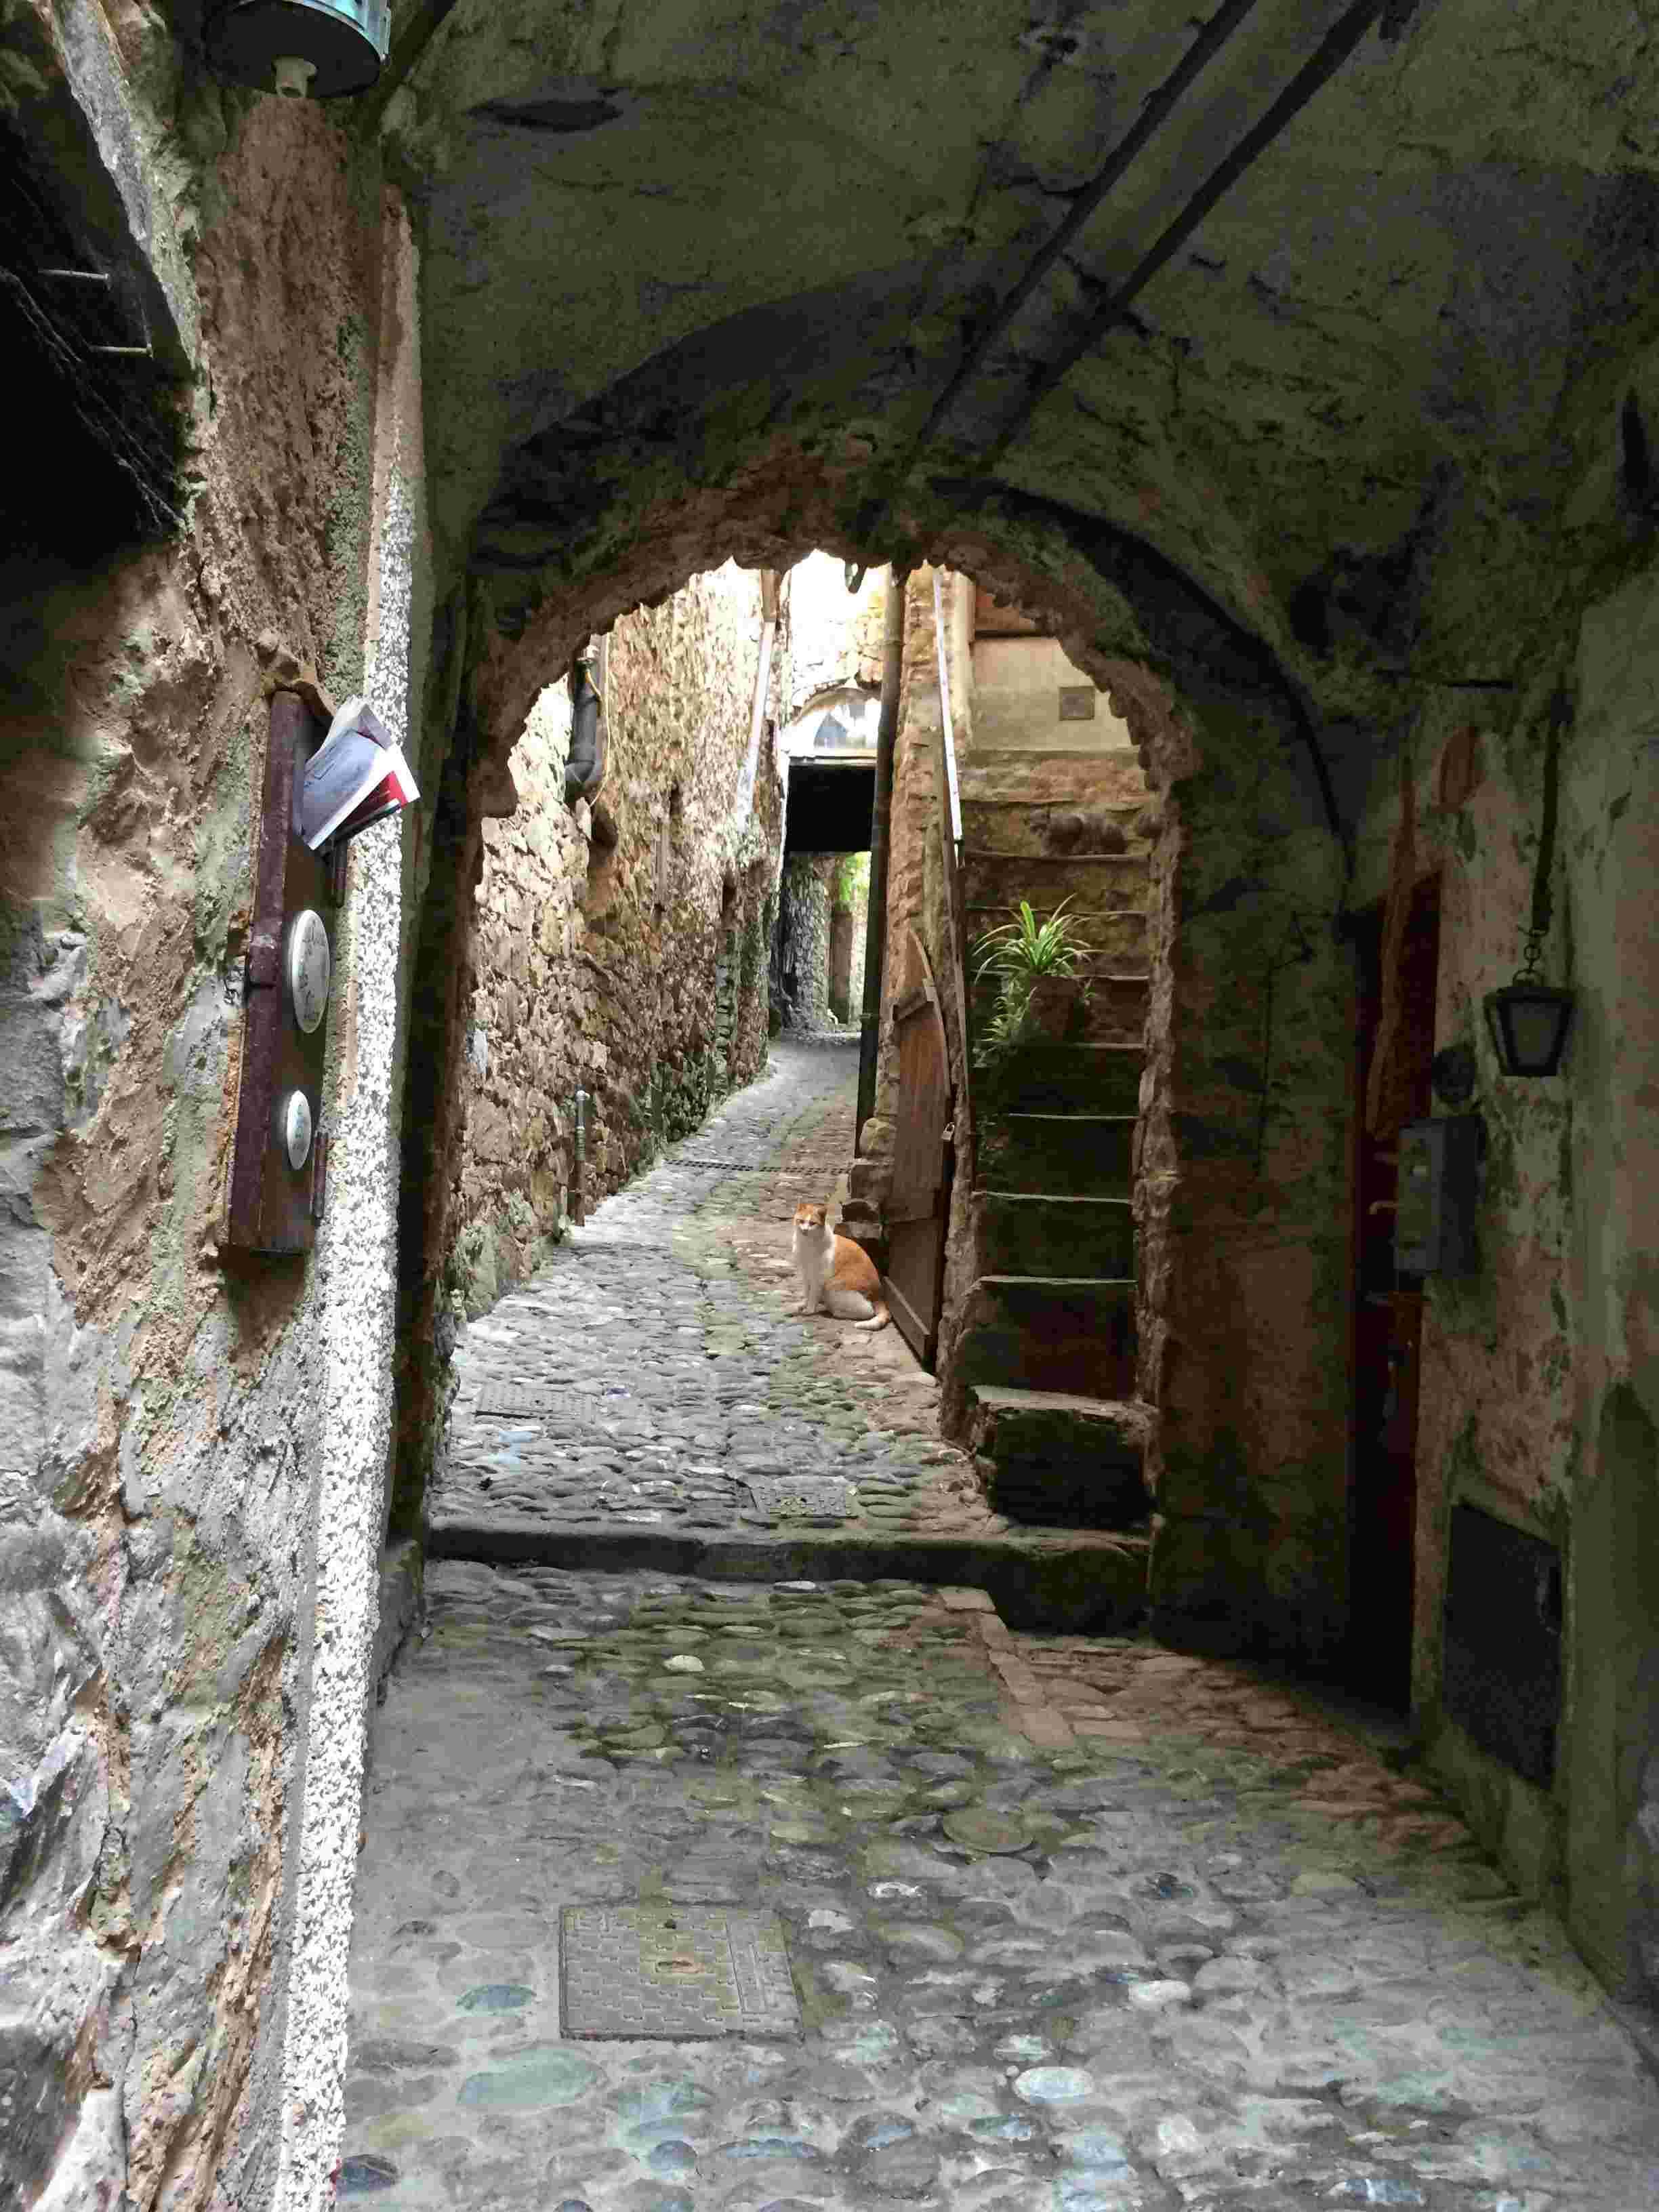 Apricale, le plus beau village d'Italie Aprica13